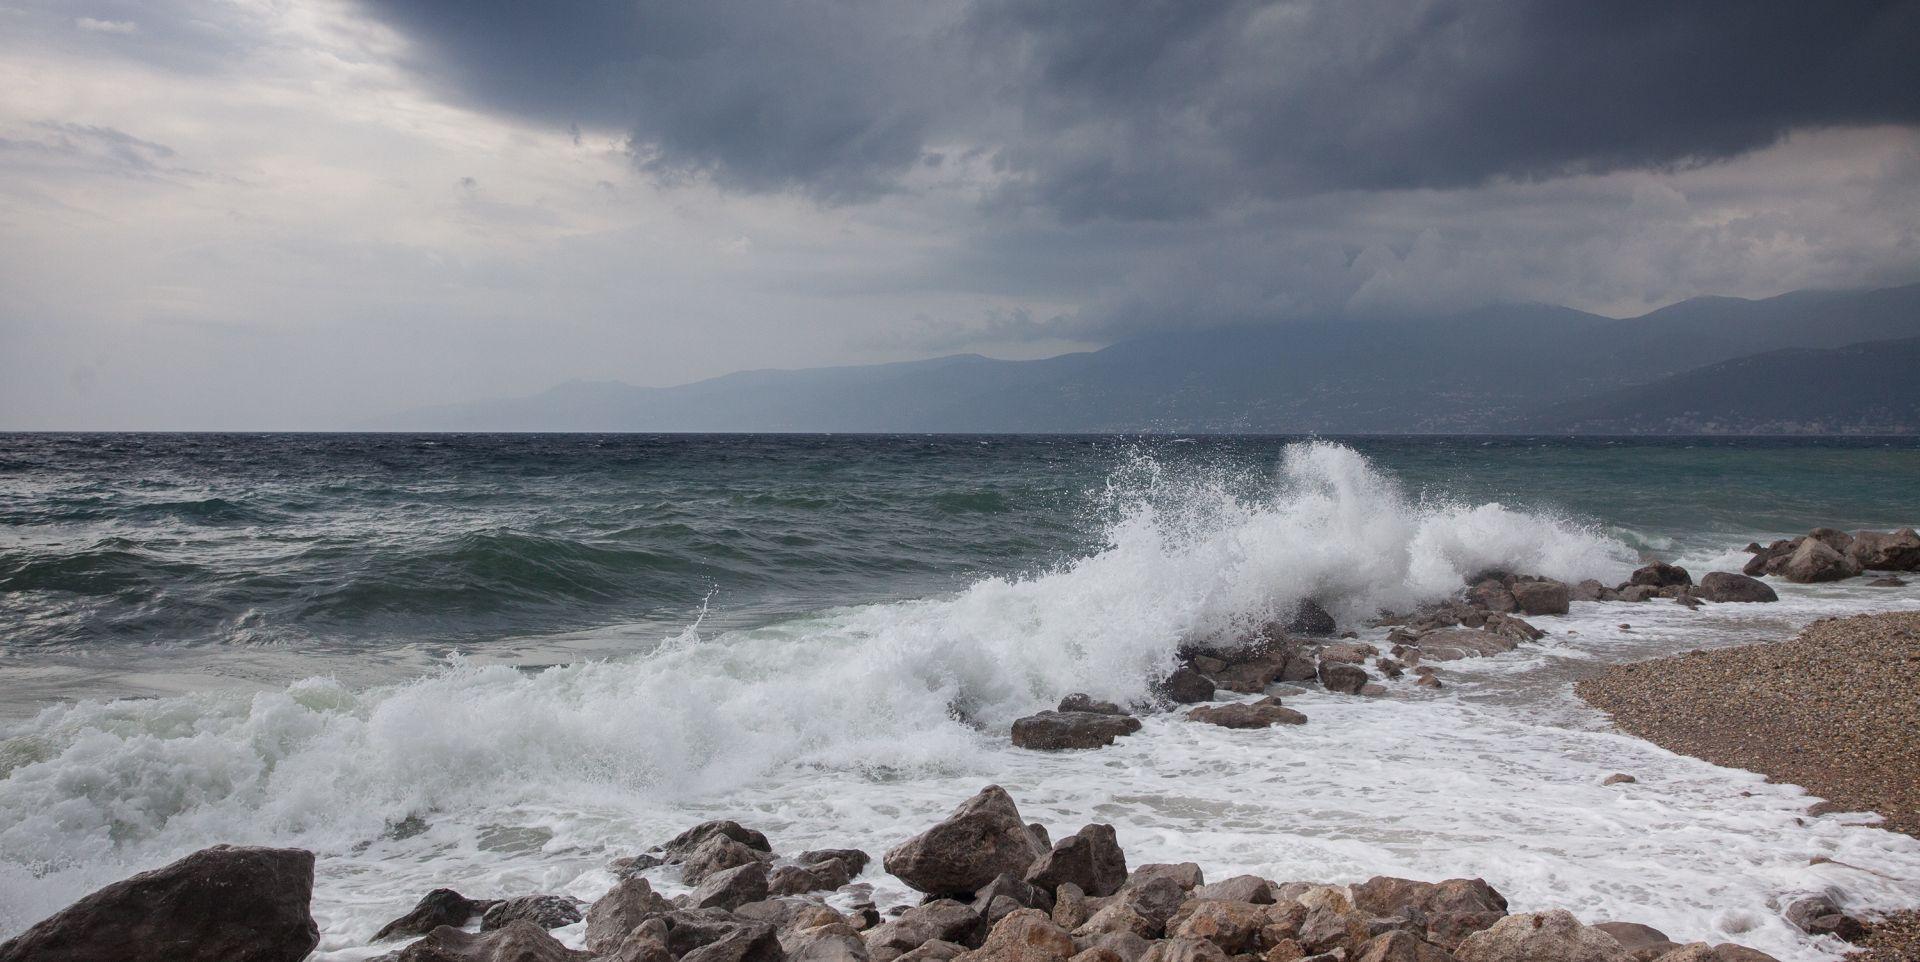 HAK Olujni vjetar stvara probleme u cestovnom i pomorskom prometu